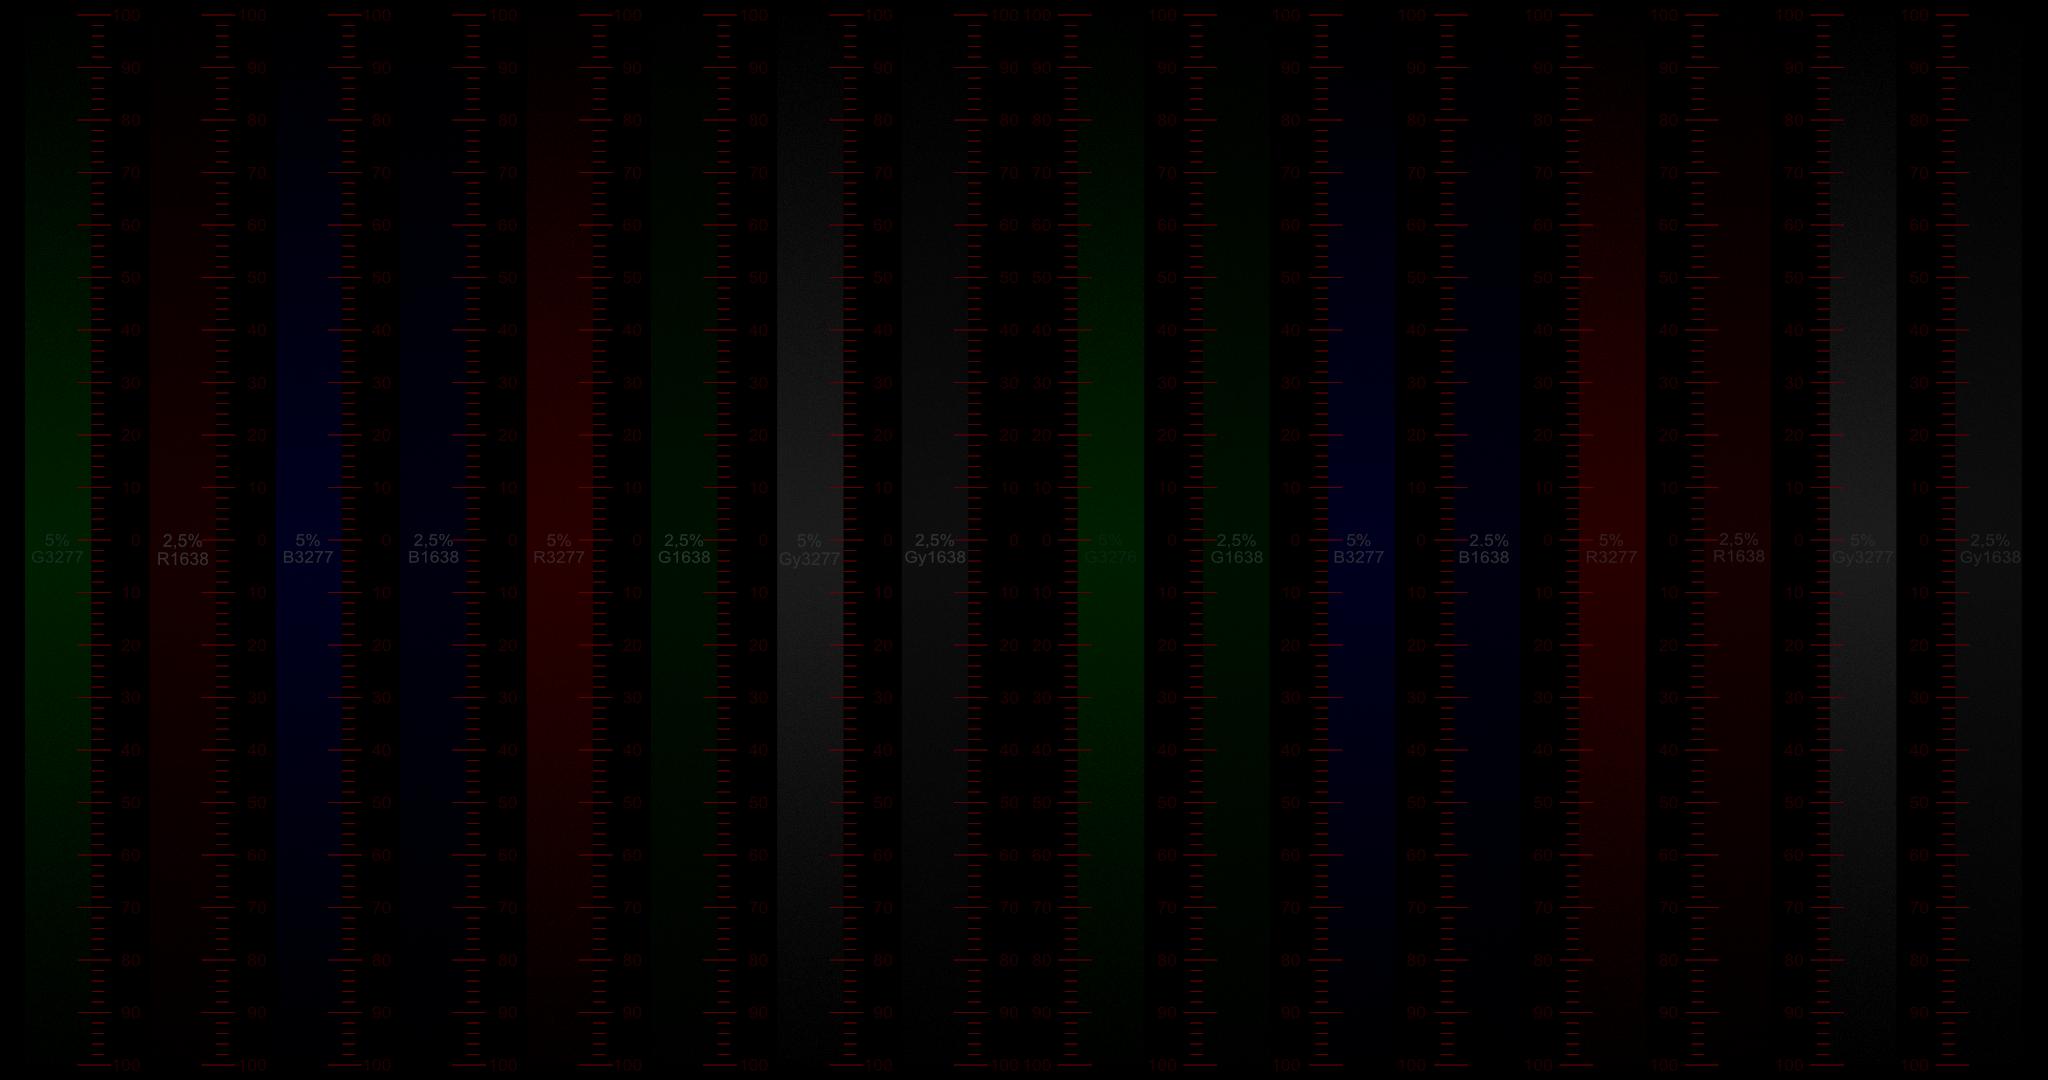 Metro verticale di ogni colore primario e nero con 2 luminanze diverse.